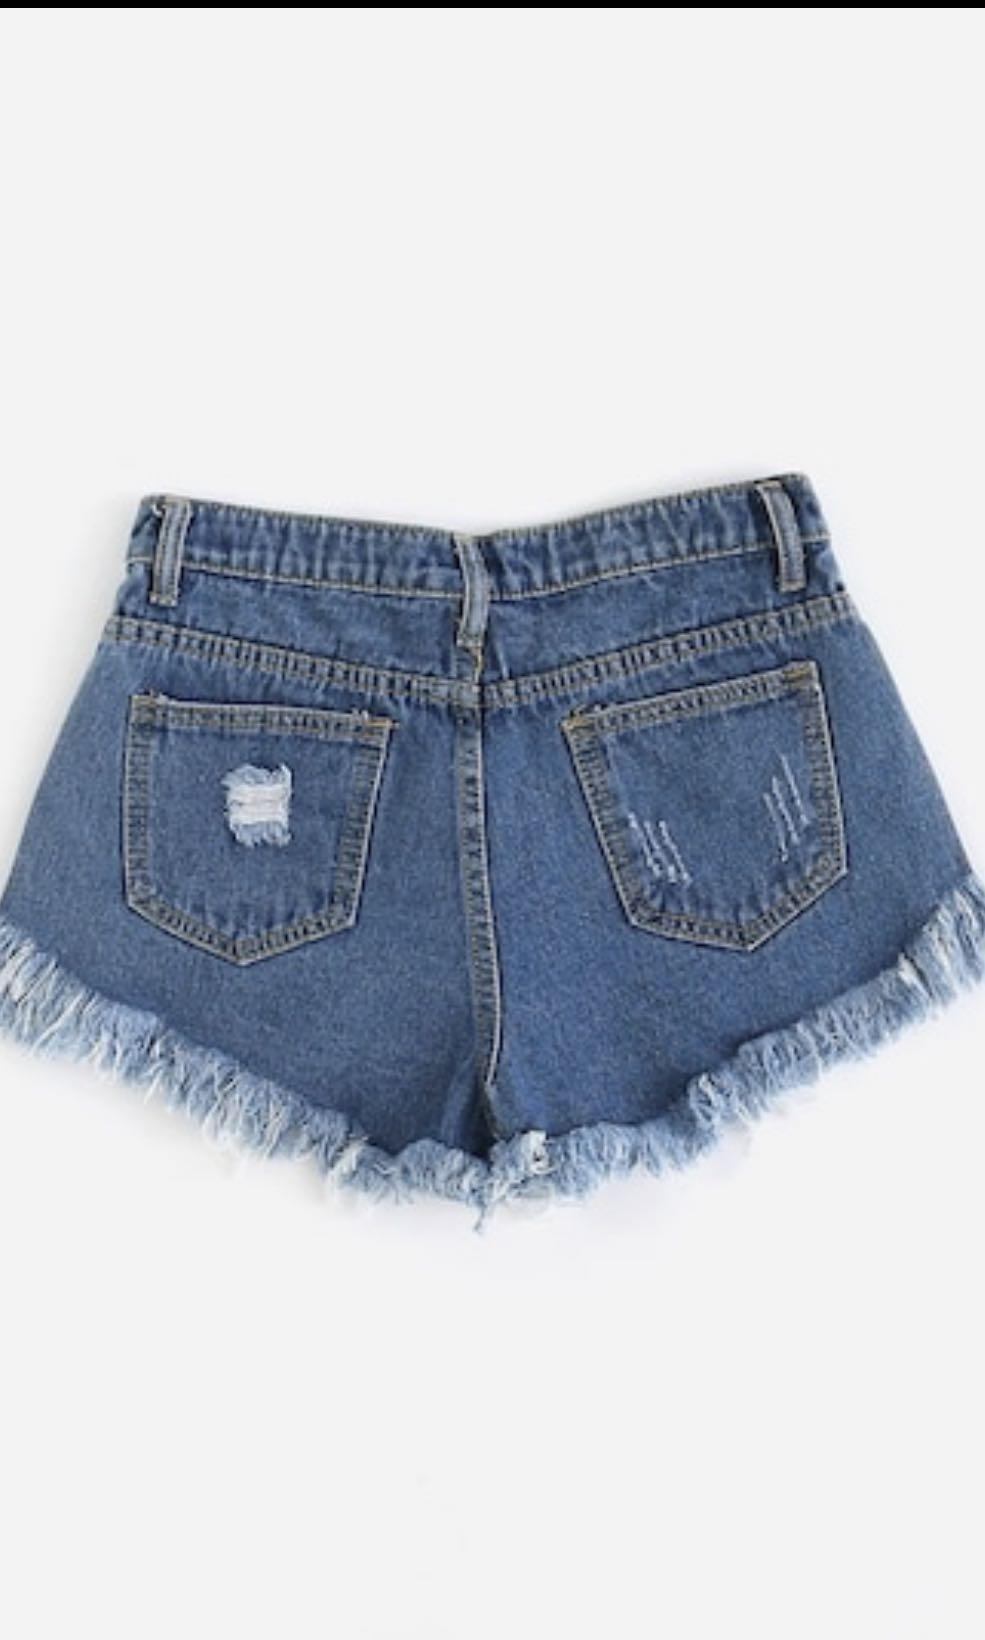 Distressed Fray Hem Denim Shorts